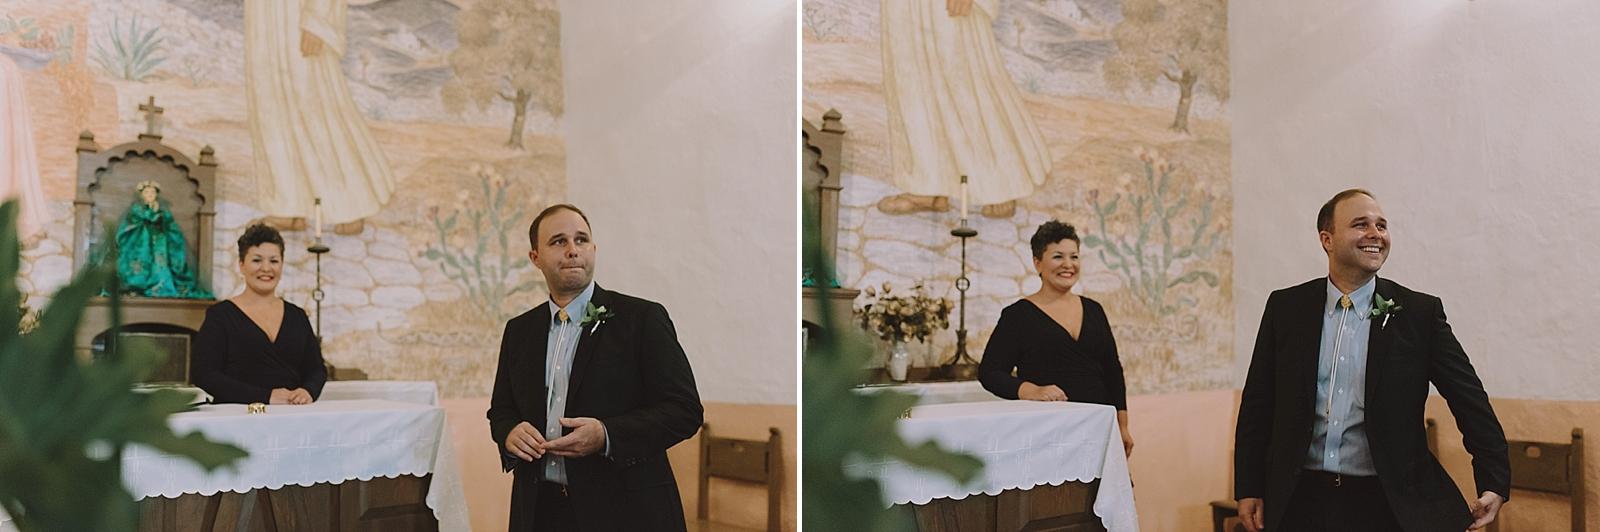 Goliad Wedding Ashley and Jesse - 039